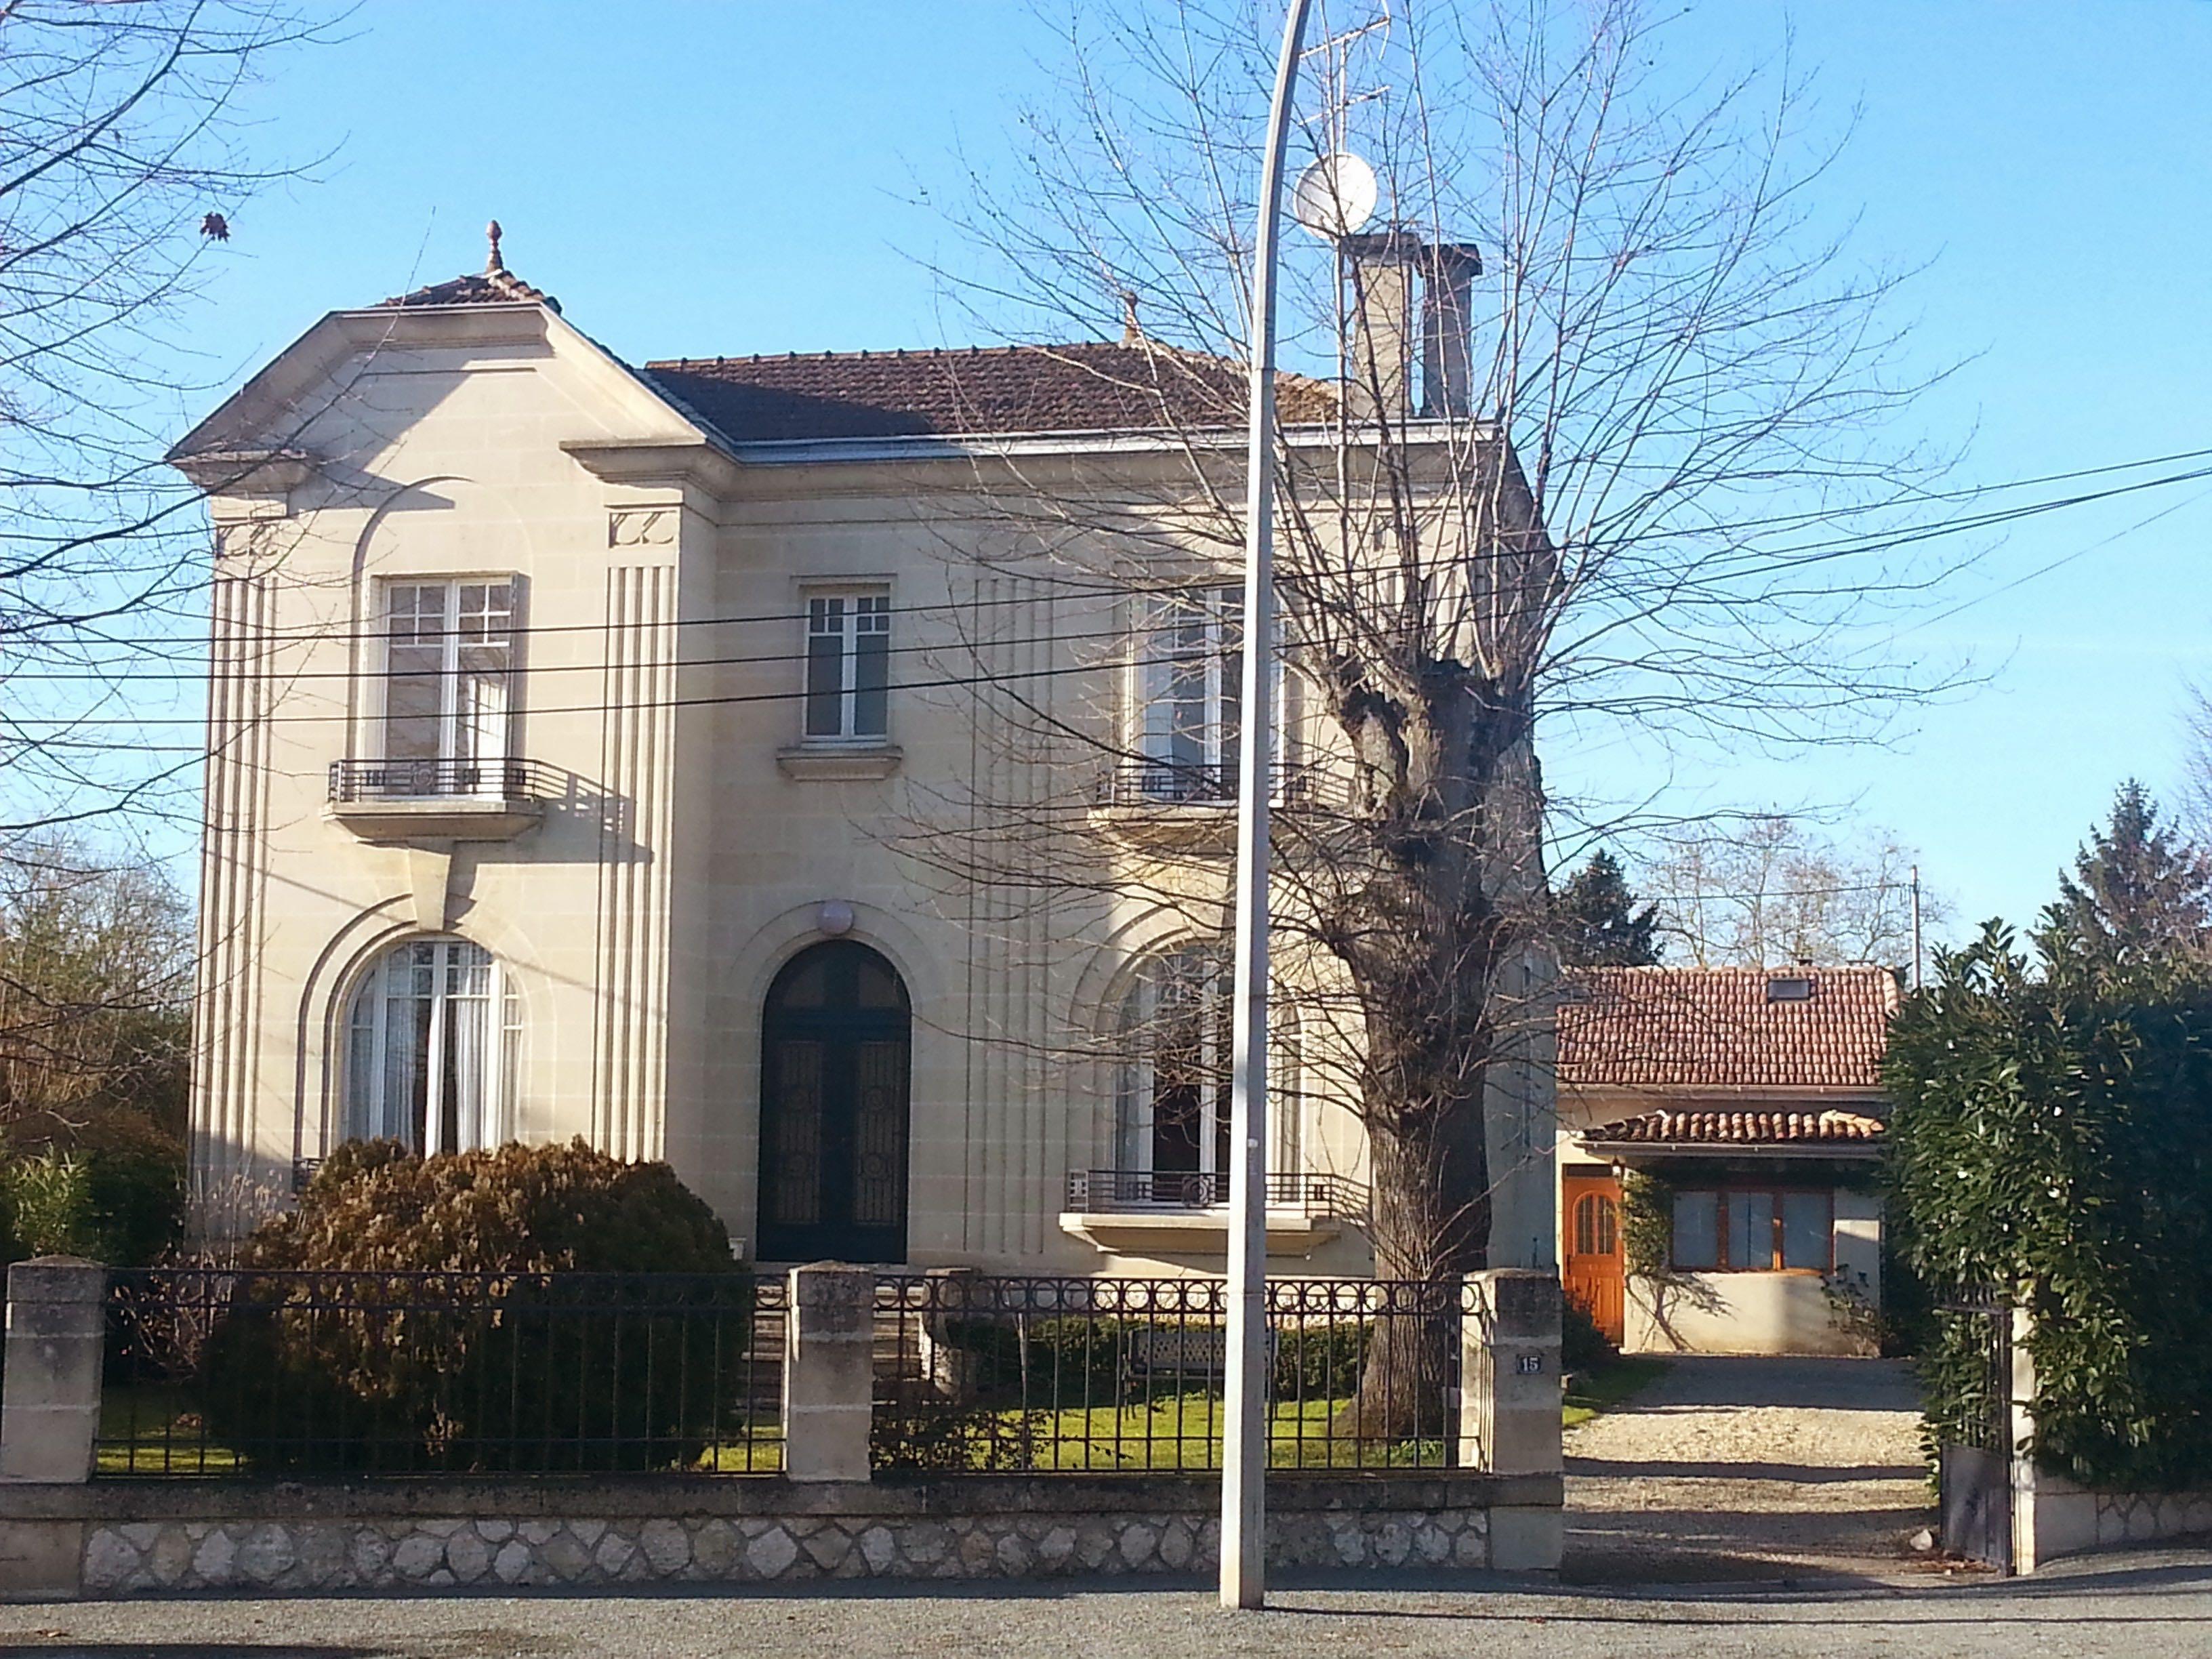 Vente maison gironde pineuilh pineuilh 33220 for Maison atypique gironde